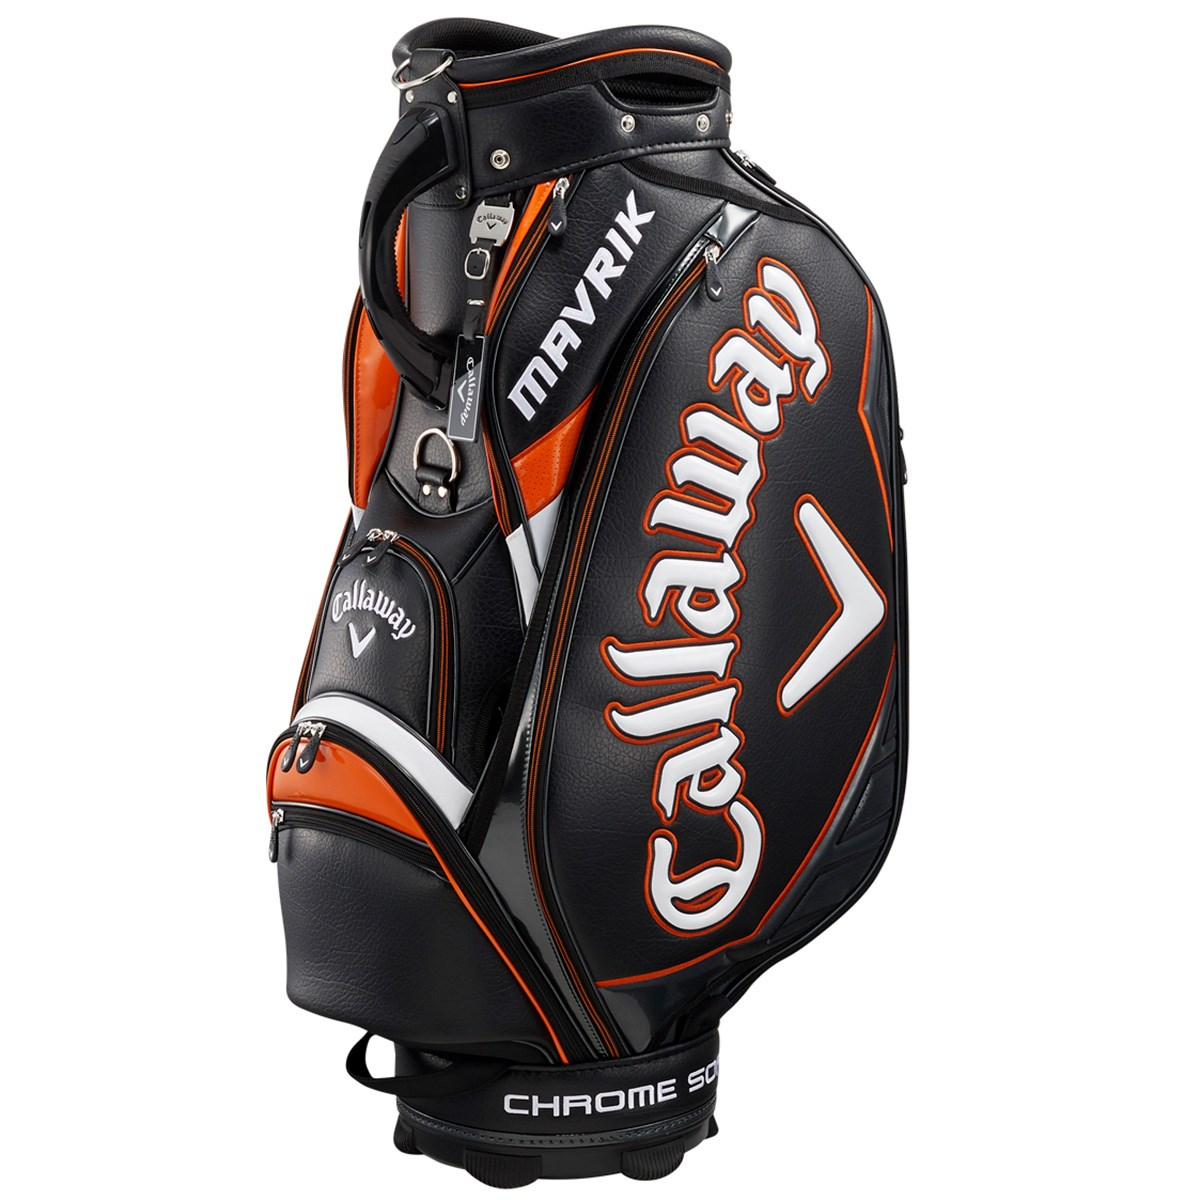 キャロウェイゴルフ(Callaway Golf) TOUR キャディバッグ JM